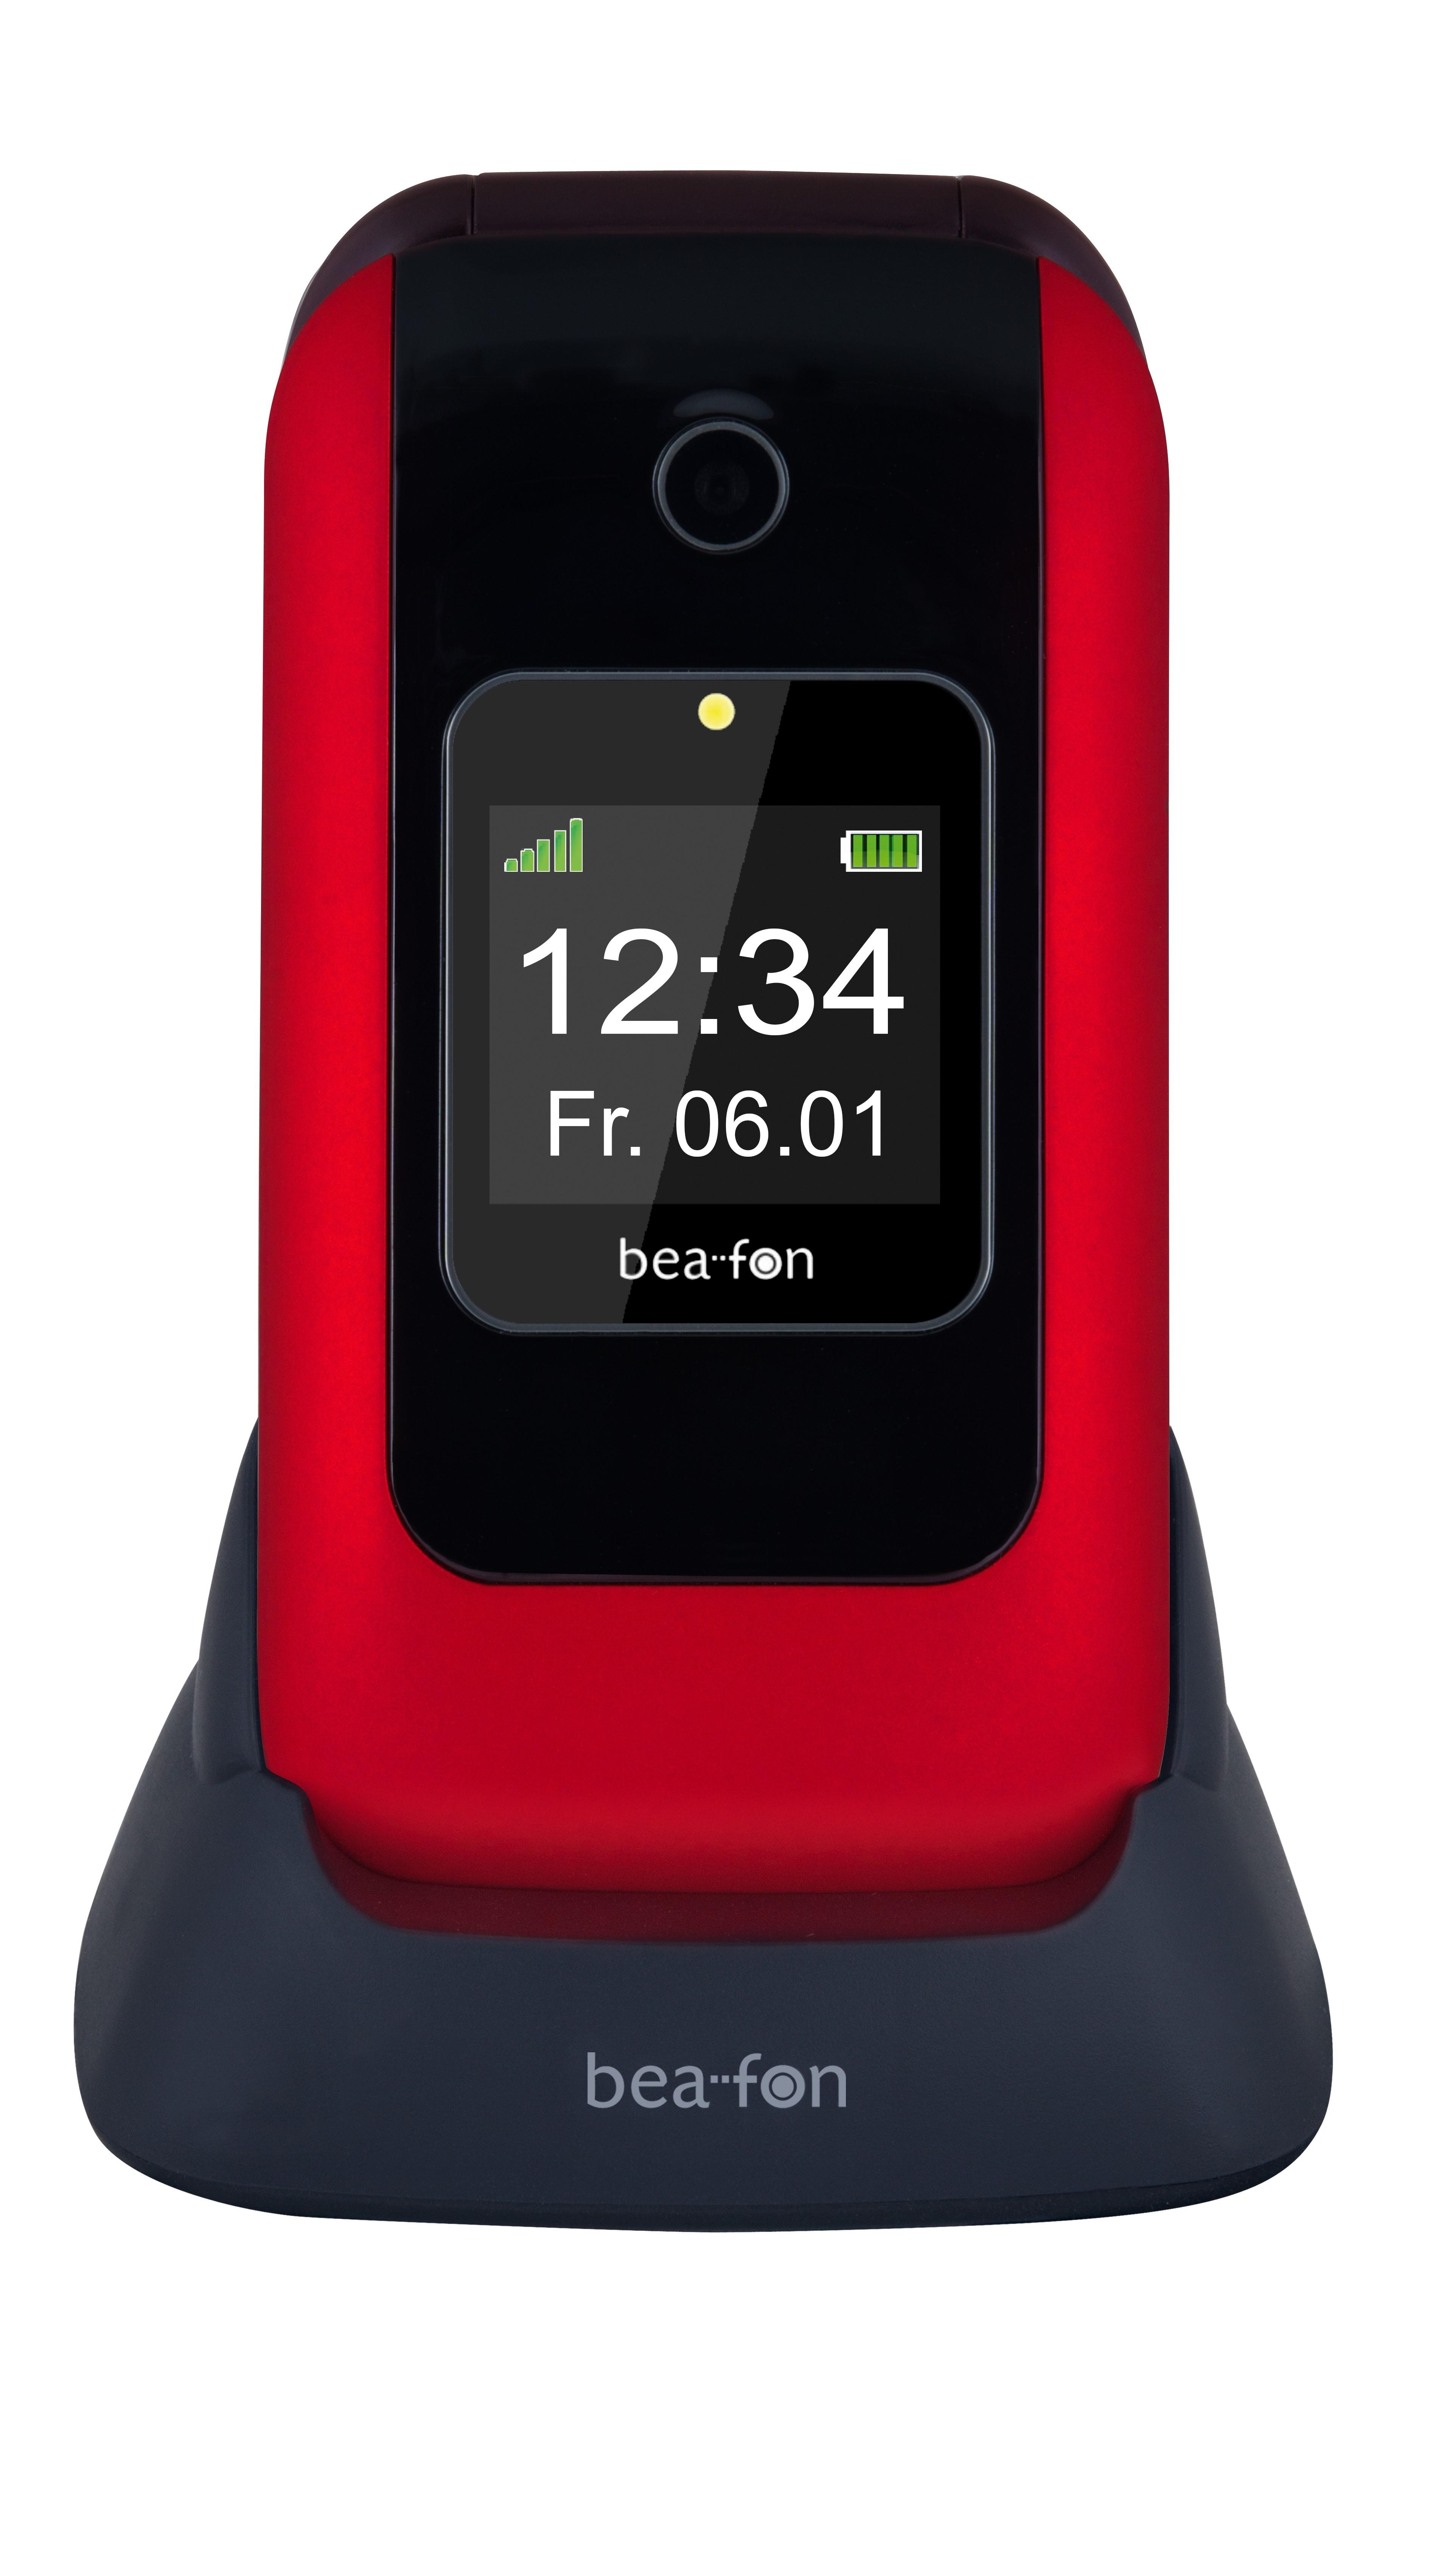 Beafon SL670 v rdeči barvi